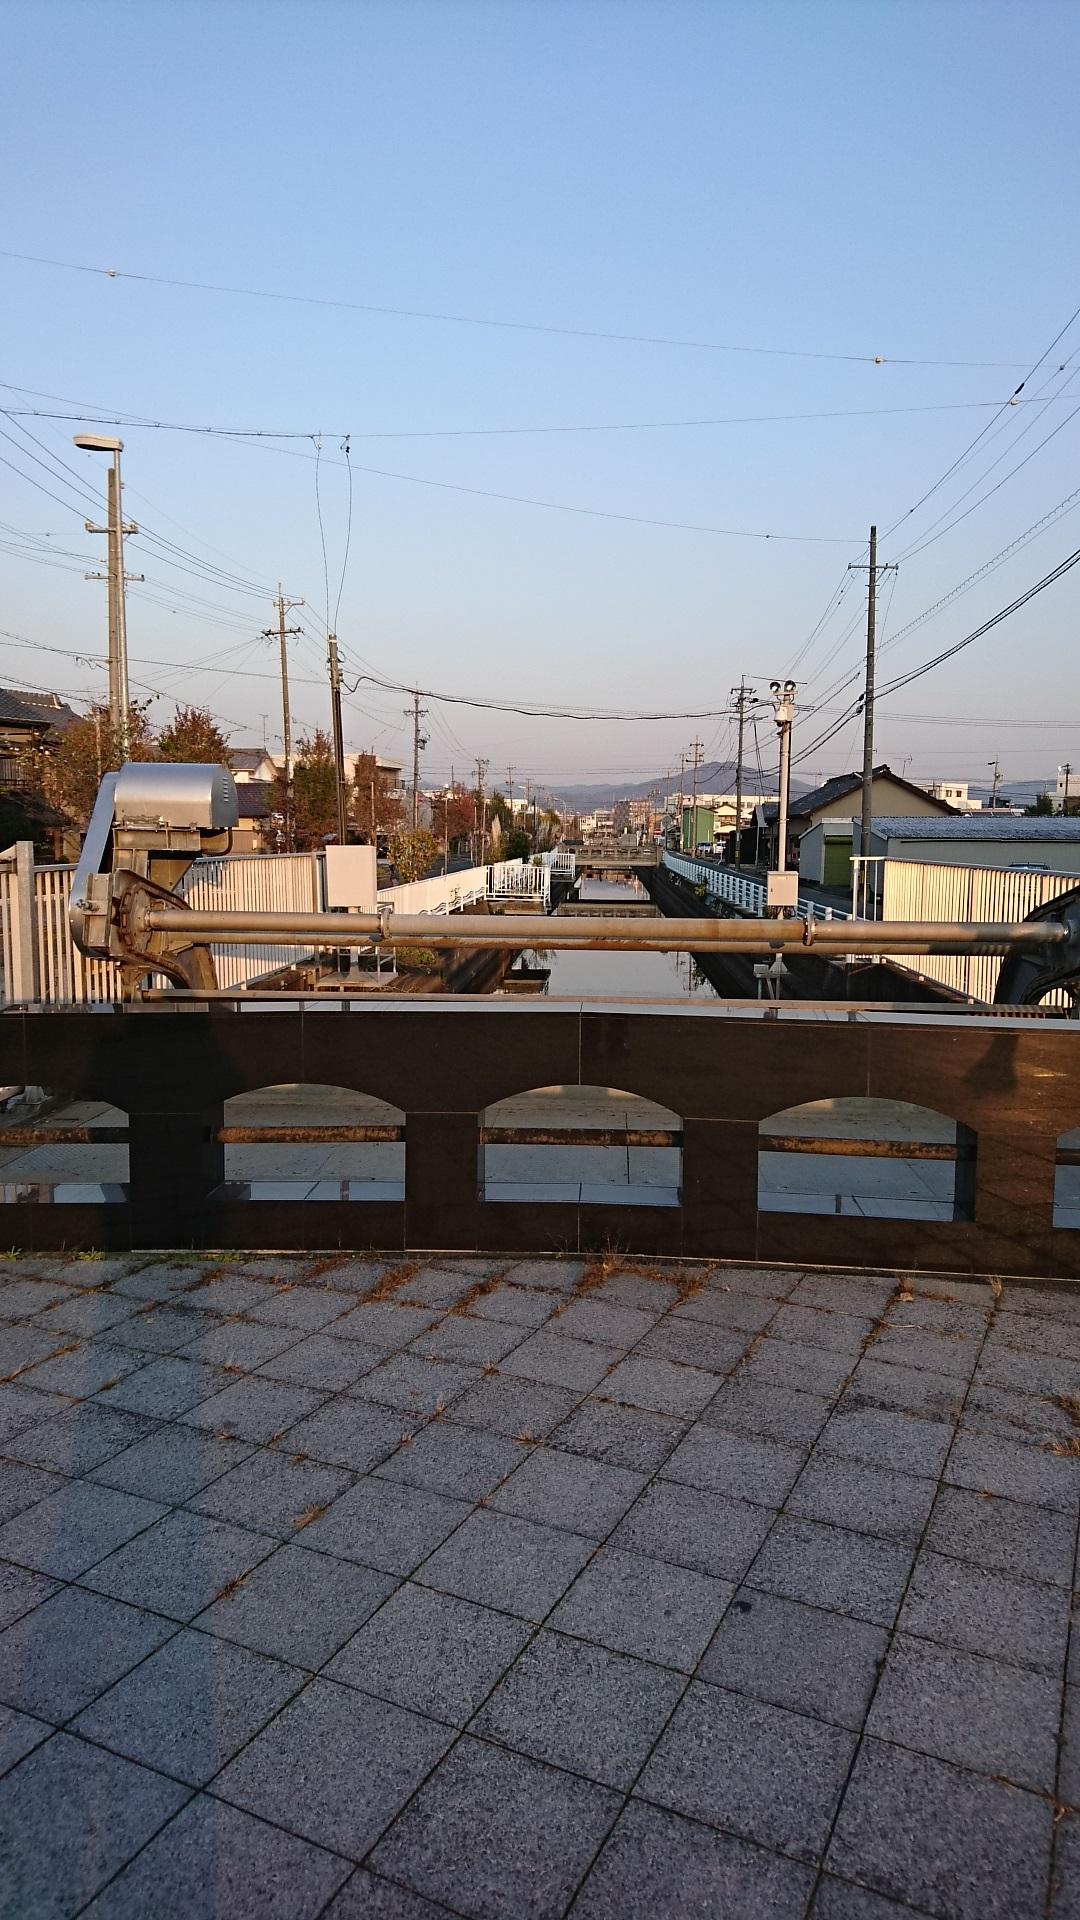 2016.12.9 豊橋 (14) 牟呂用水 1080-1920